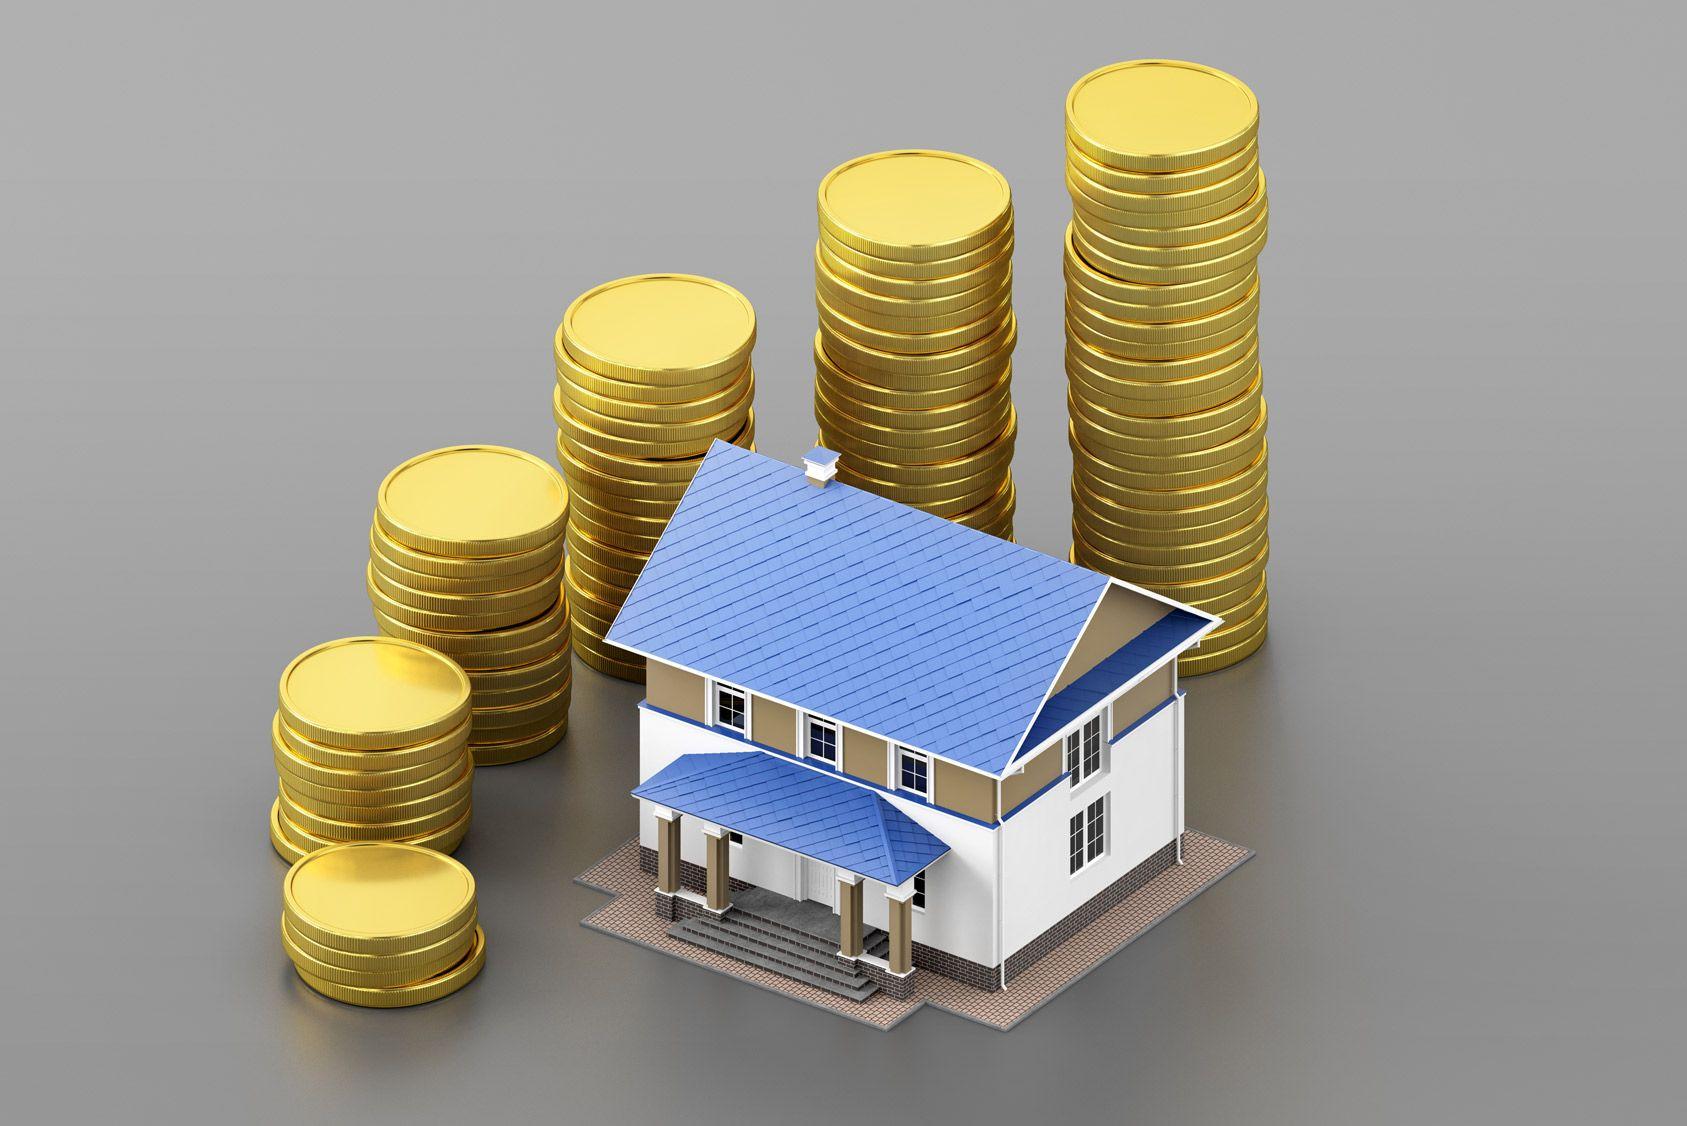 Crédit immobilier: les clés pour changer l'assurance de votre prêt, banque par banque